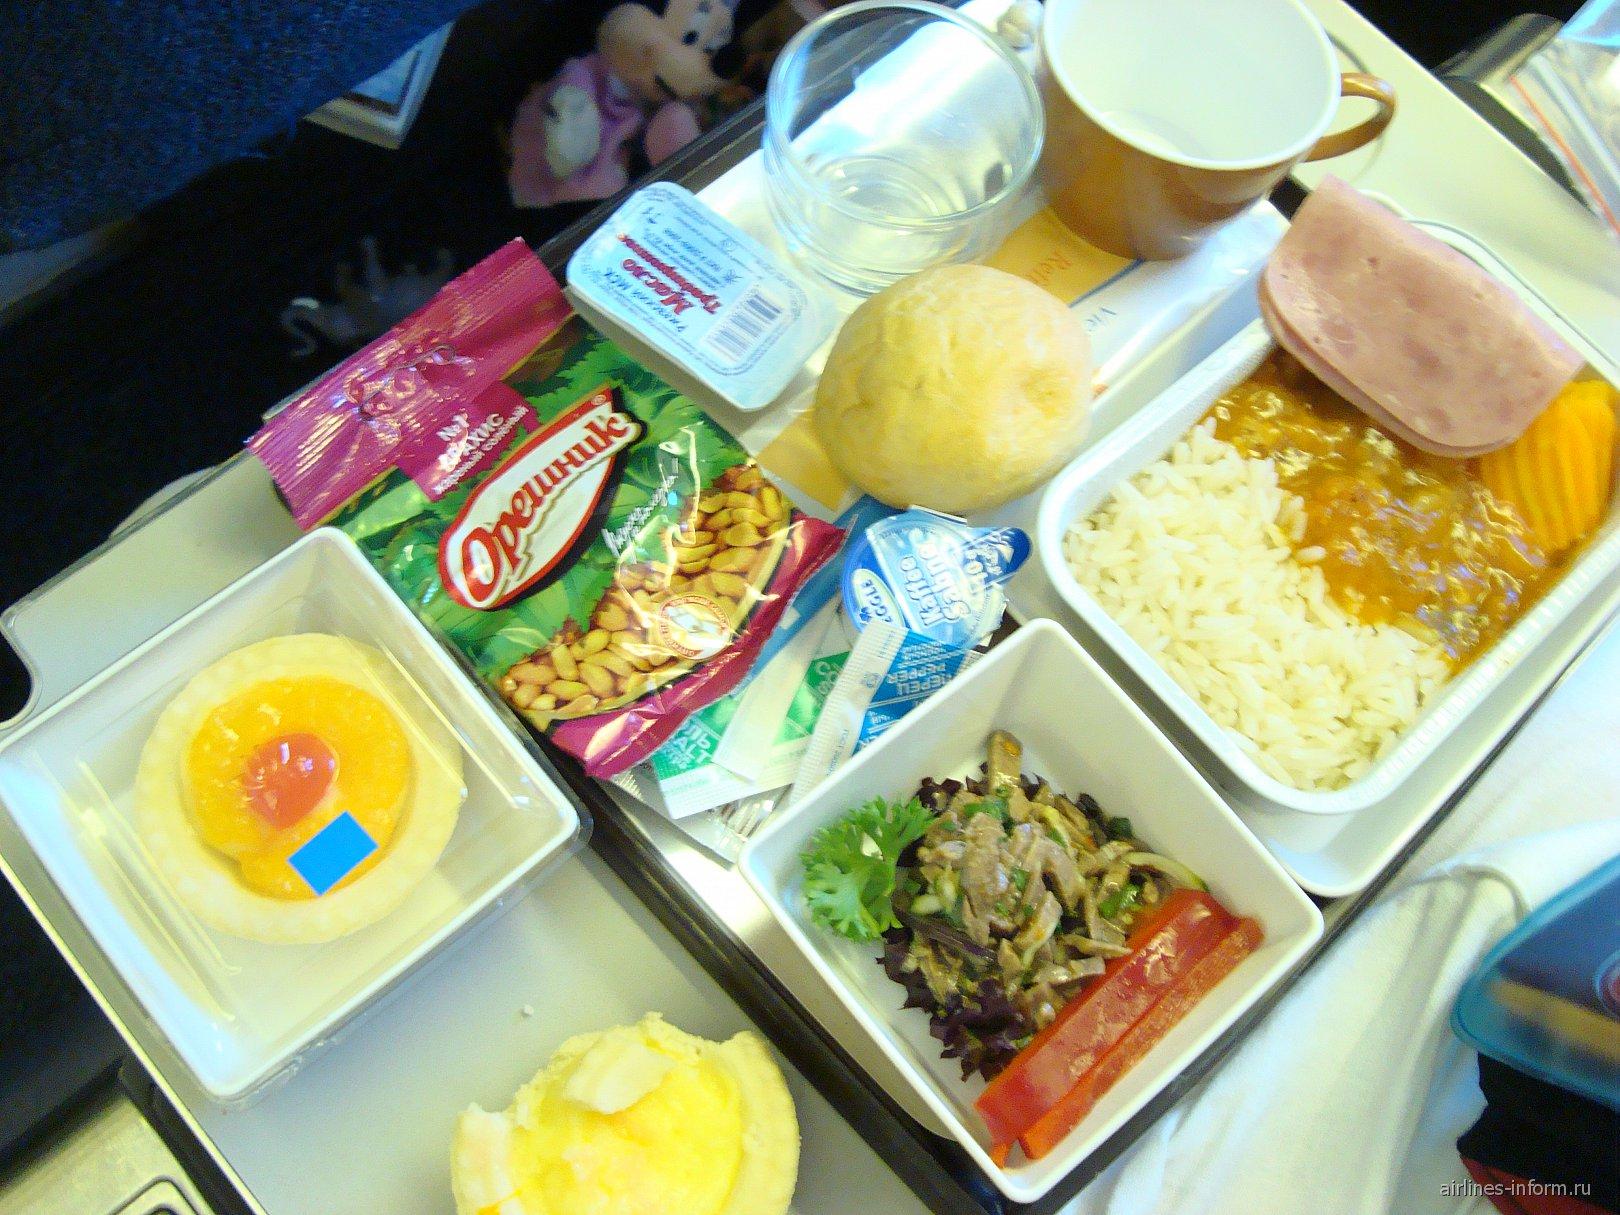 Питание на рейсе авиакомпании Вьетнамские авиалинии Москва-Хошимин